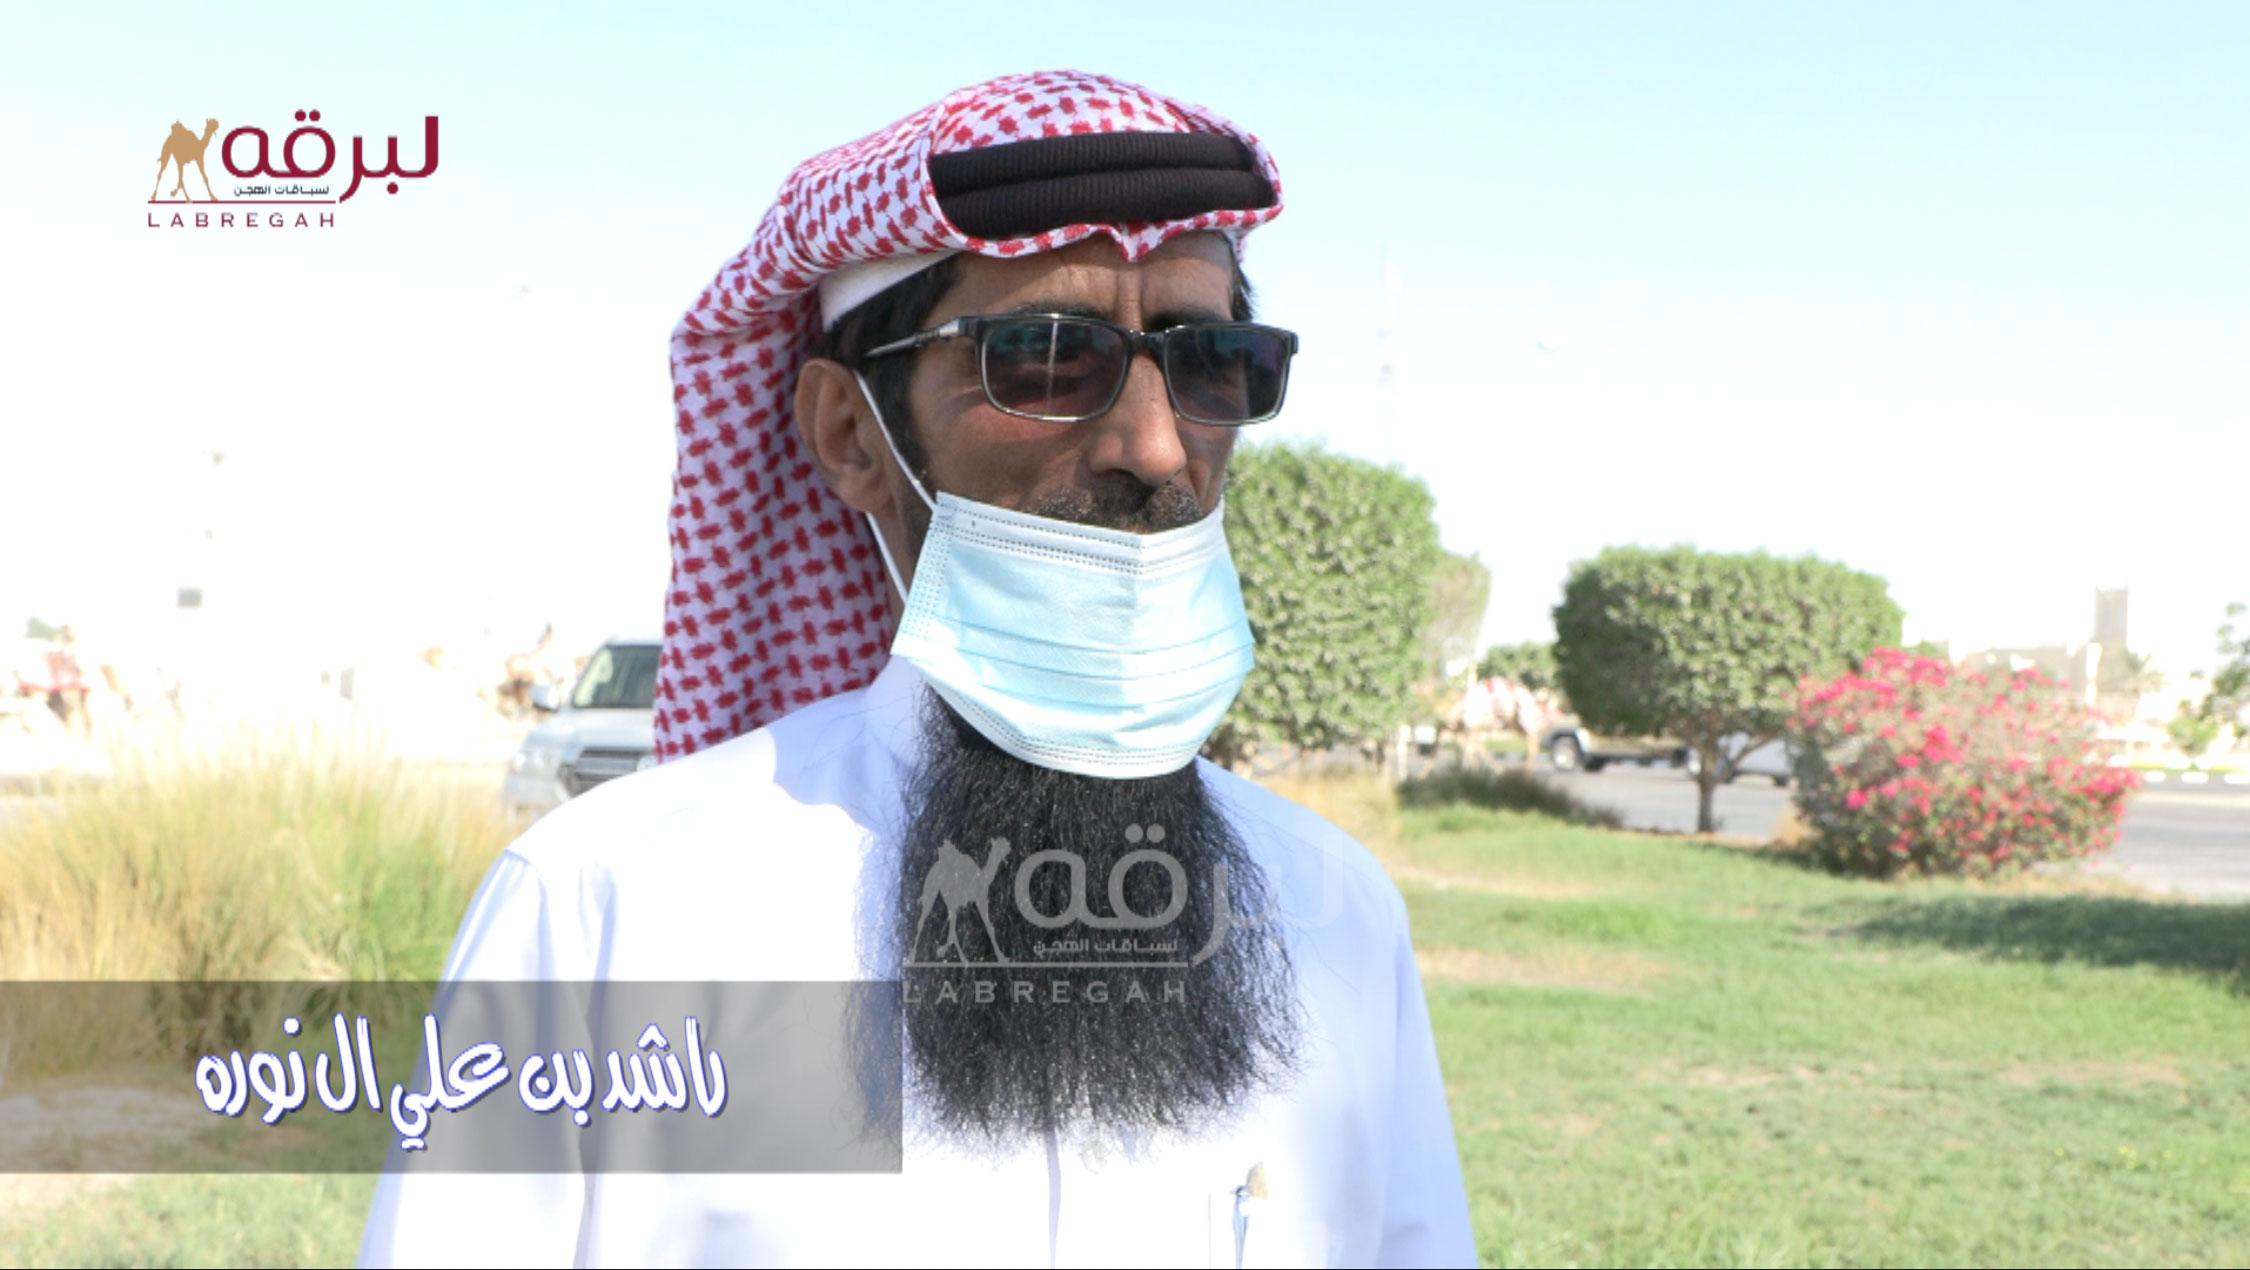 لقاء مع راشد بن علي ال نوره.. الشوط الرئيسي للثنايا قعدان (إنتاج) ميدان الشحانية ٢٤-٩-٢٠٢١